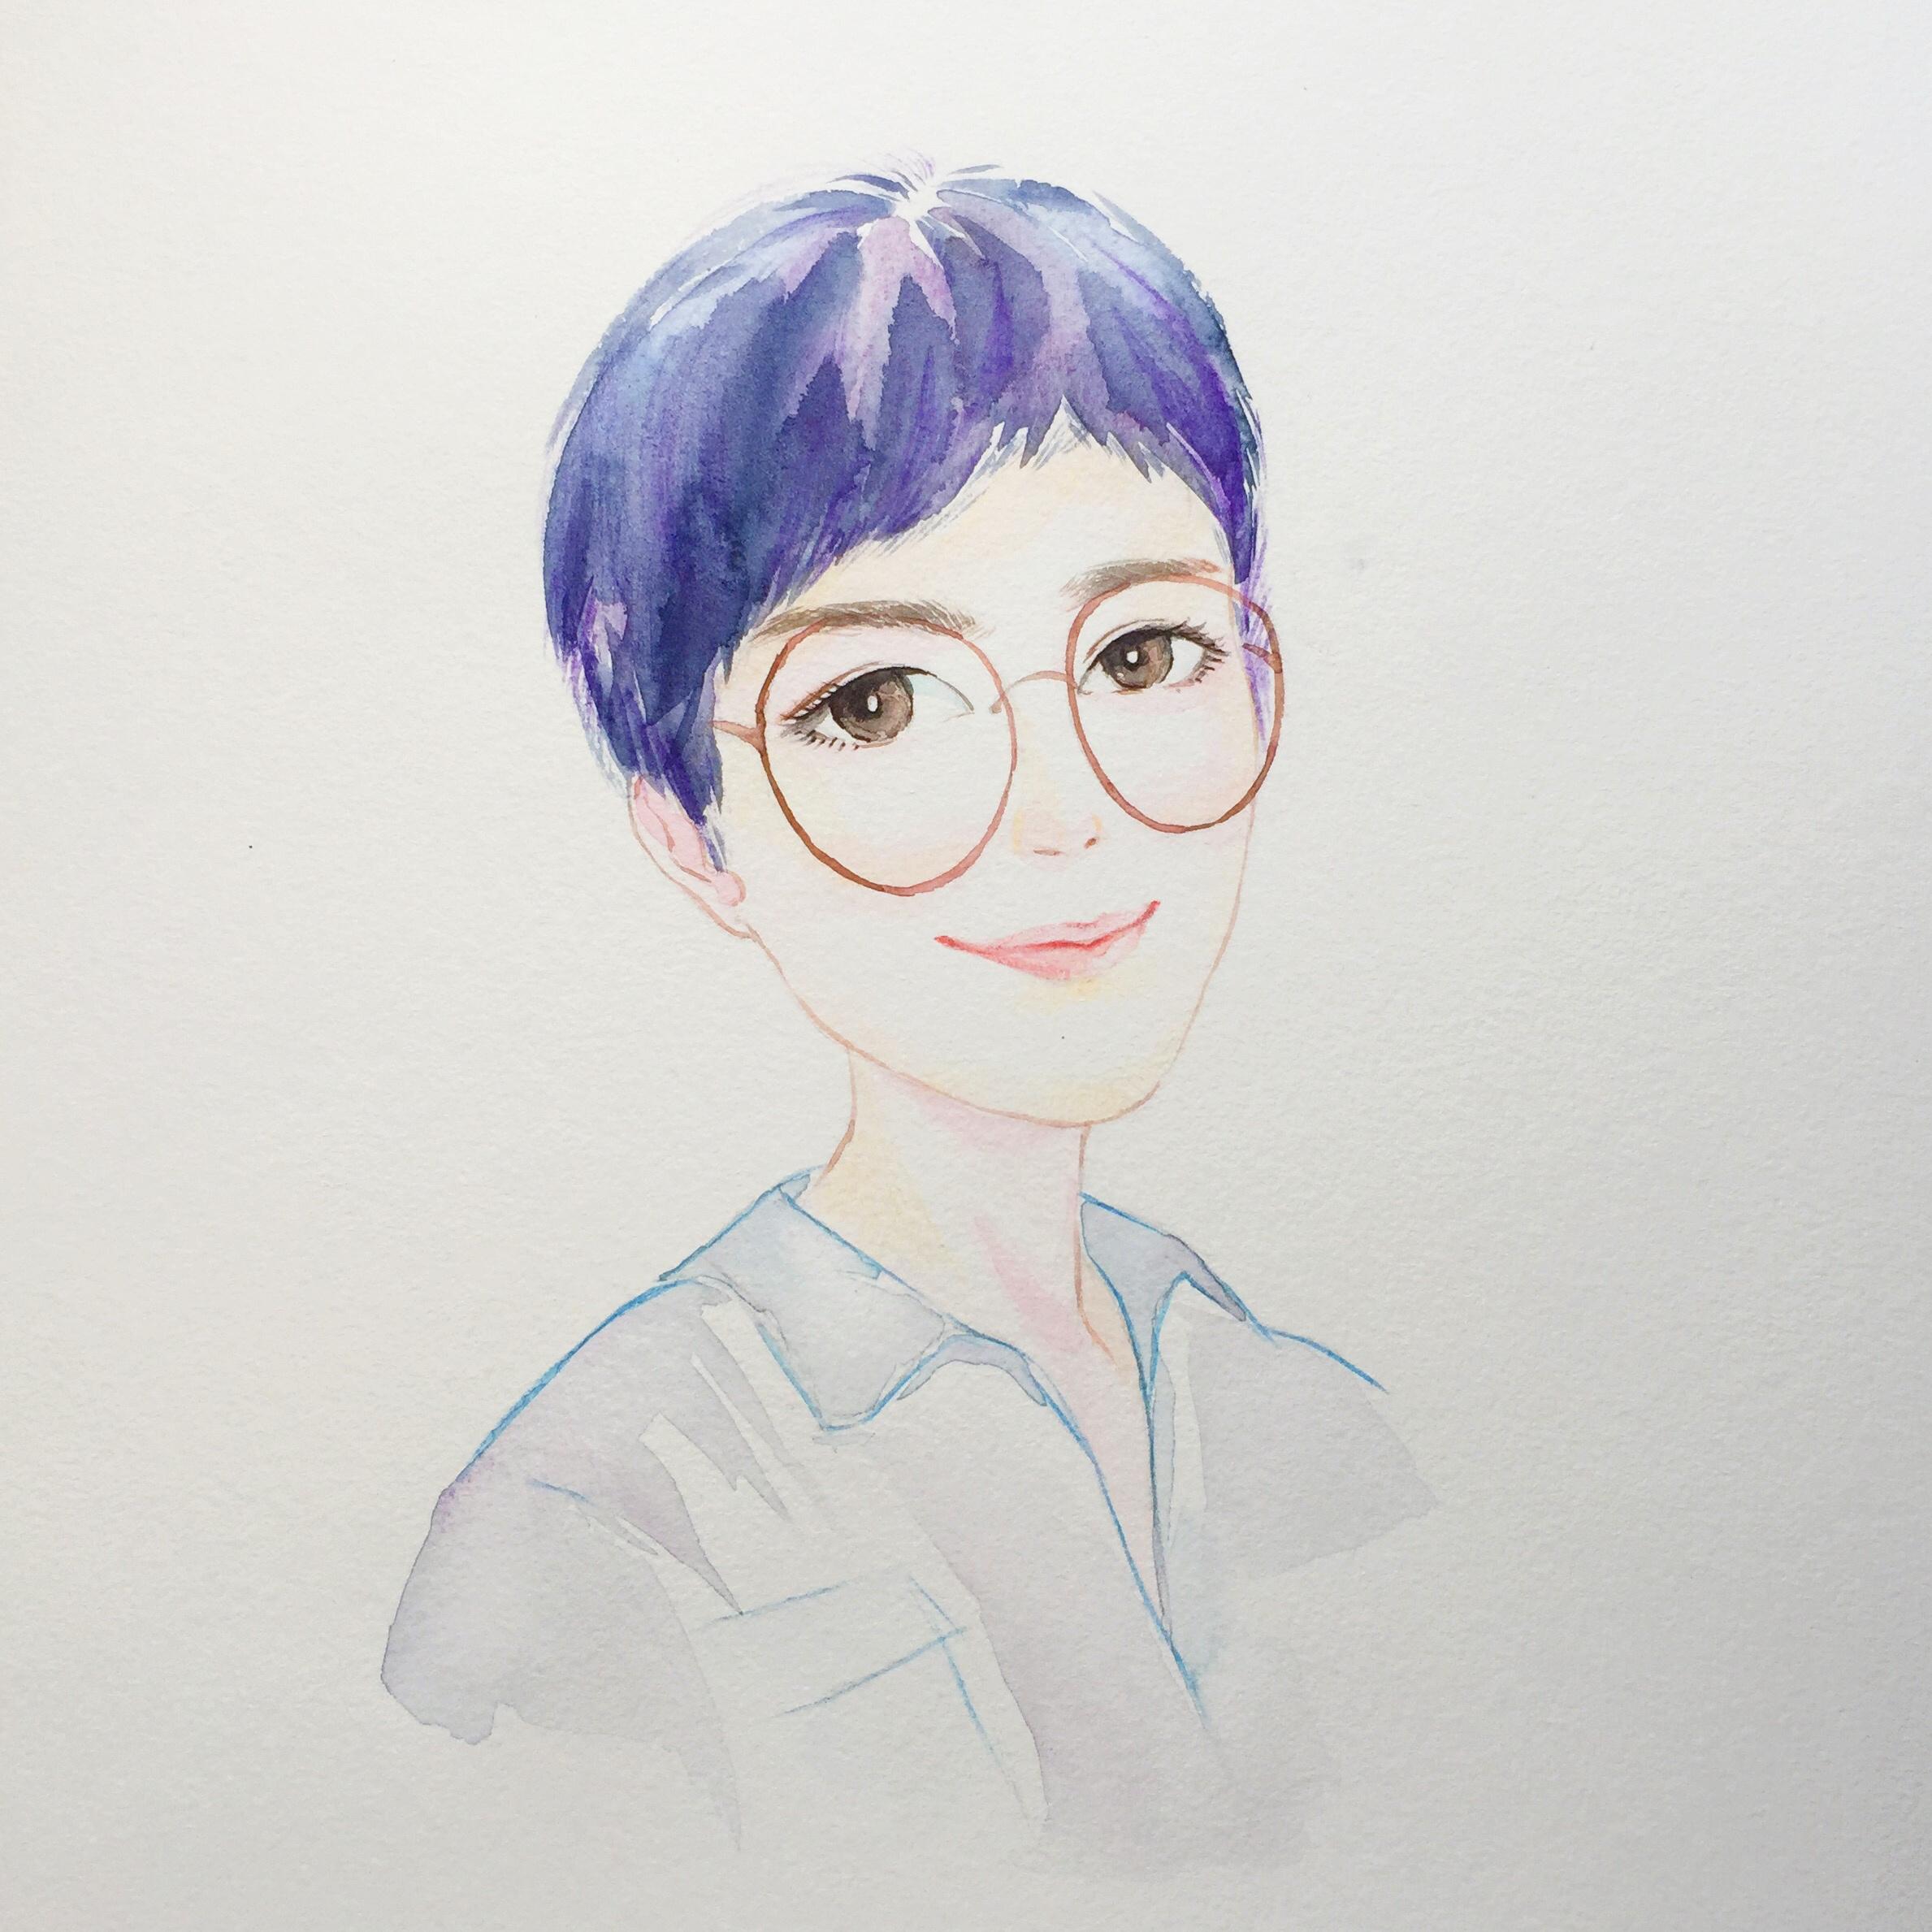 水彩手绘头像|纯艺术|水彩|moniccat - 原创作品